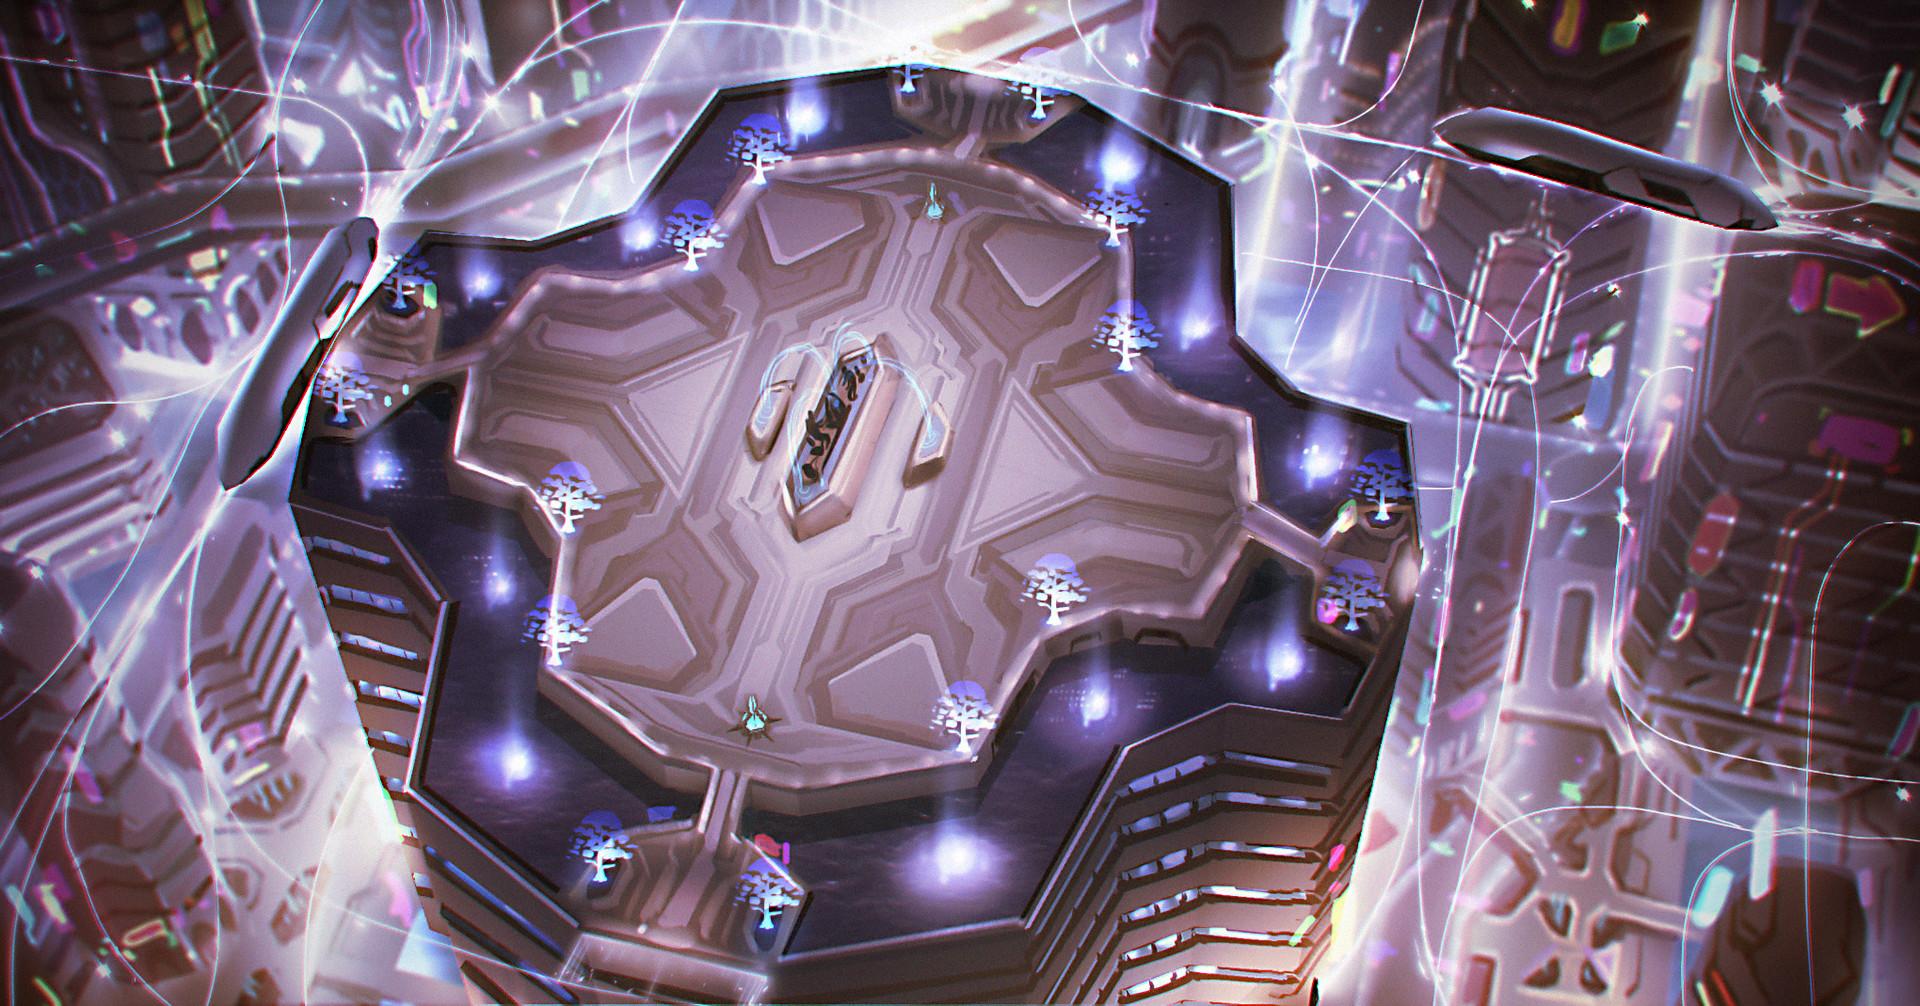 Loic liok bramoulle public plaza concept 02